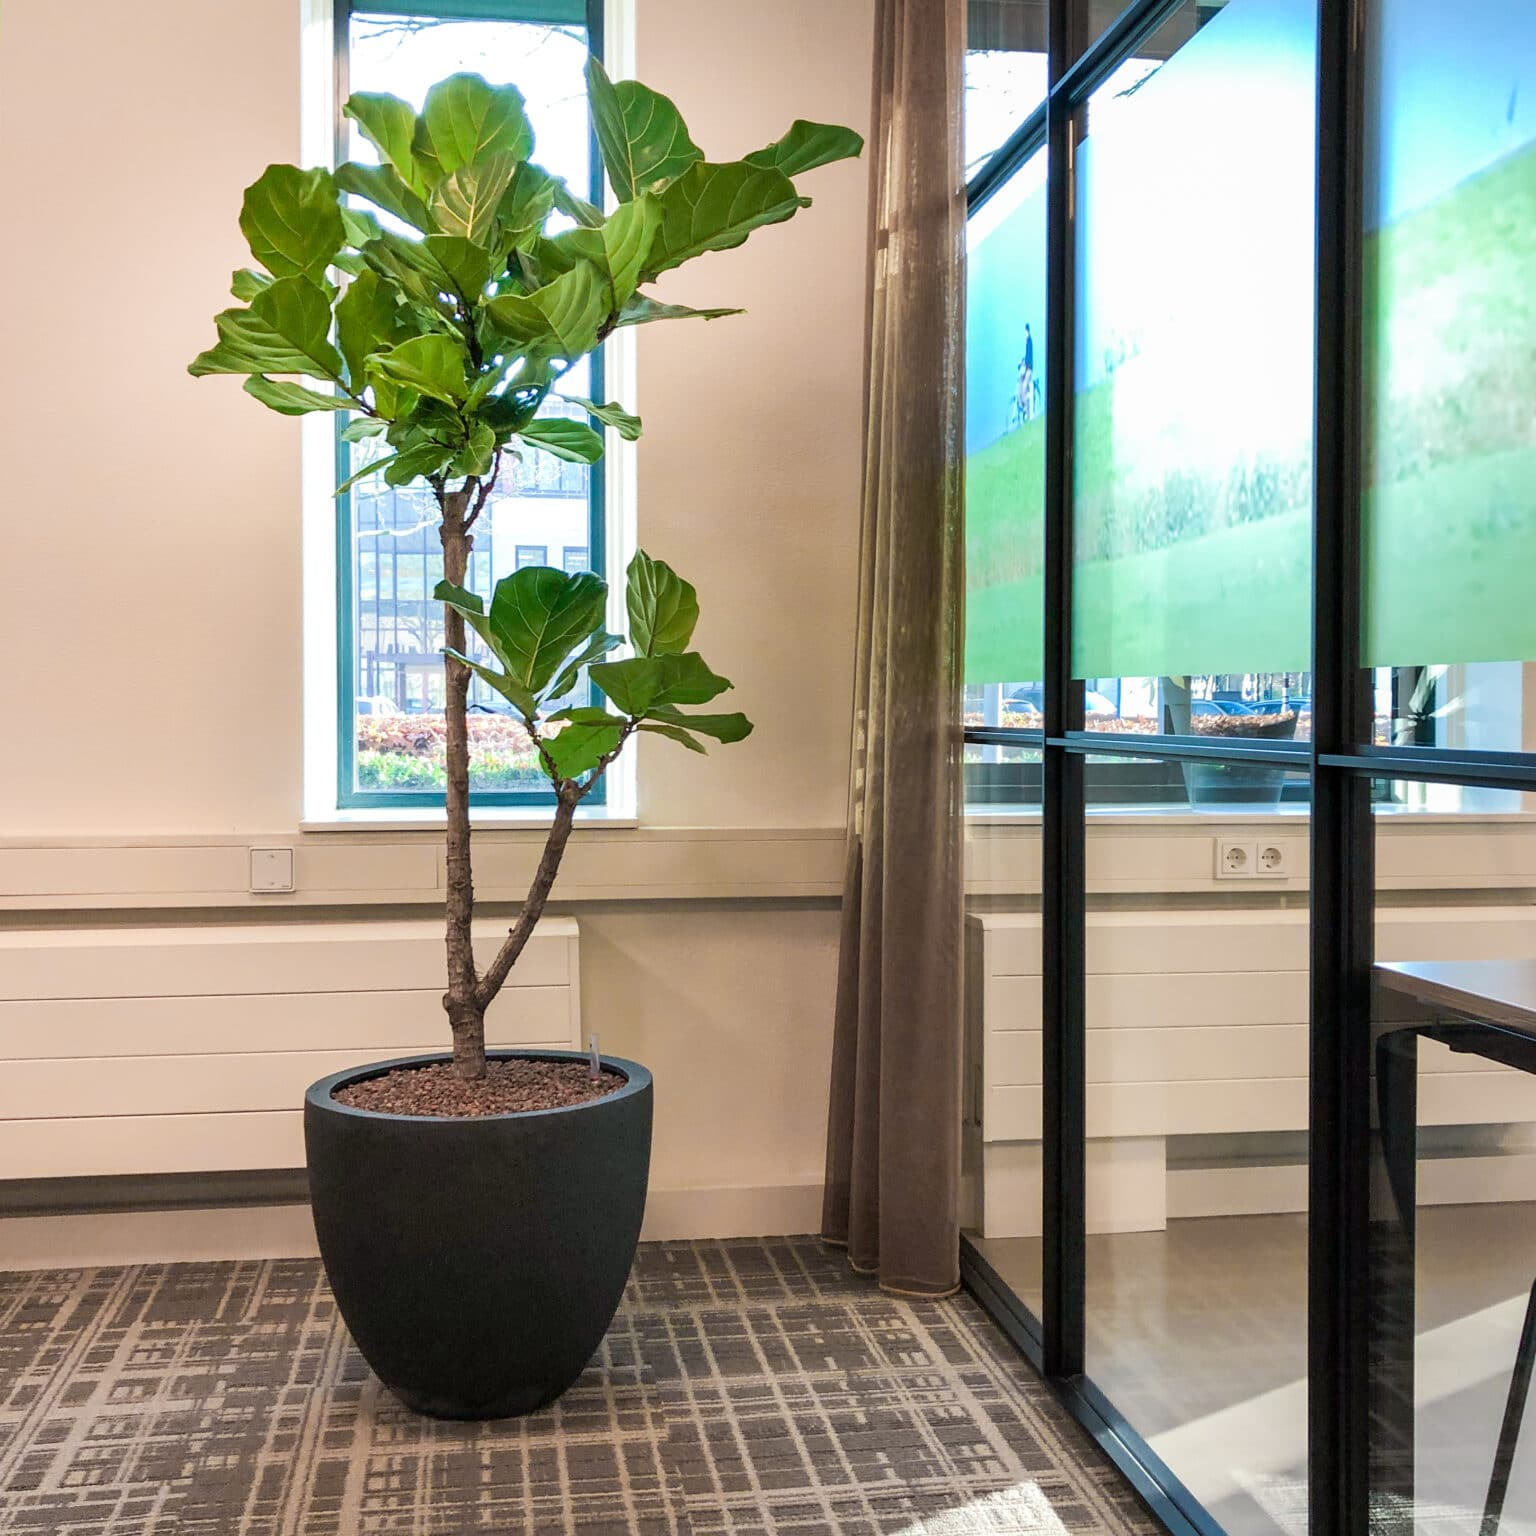 Ficus lyrata kantoorplant Apeldoorn